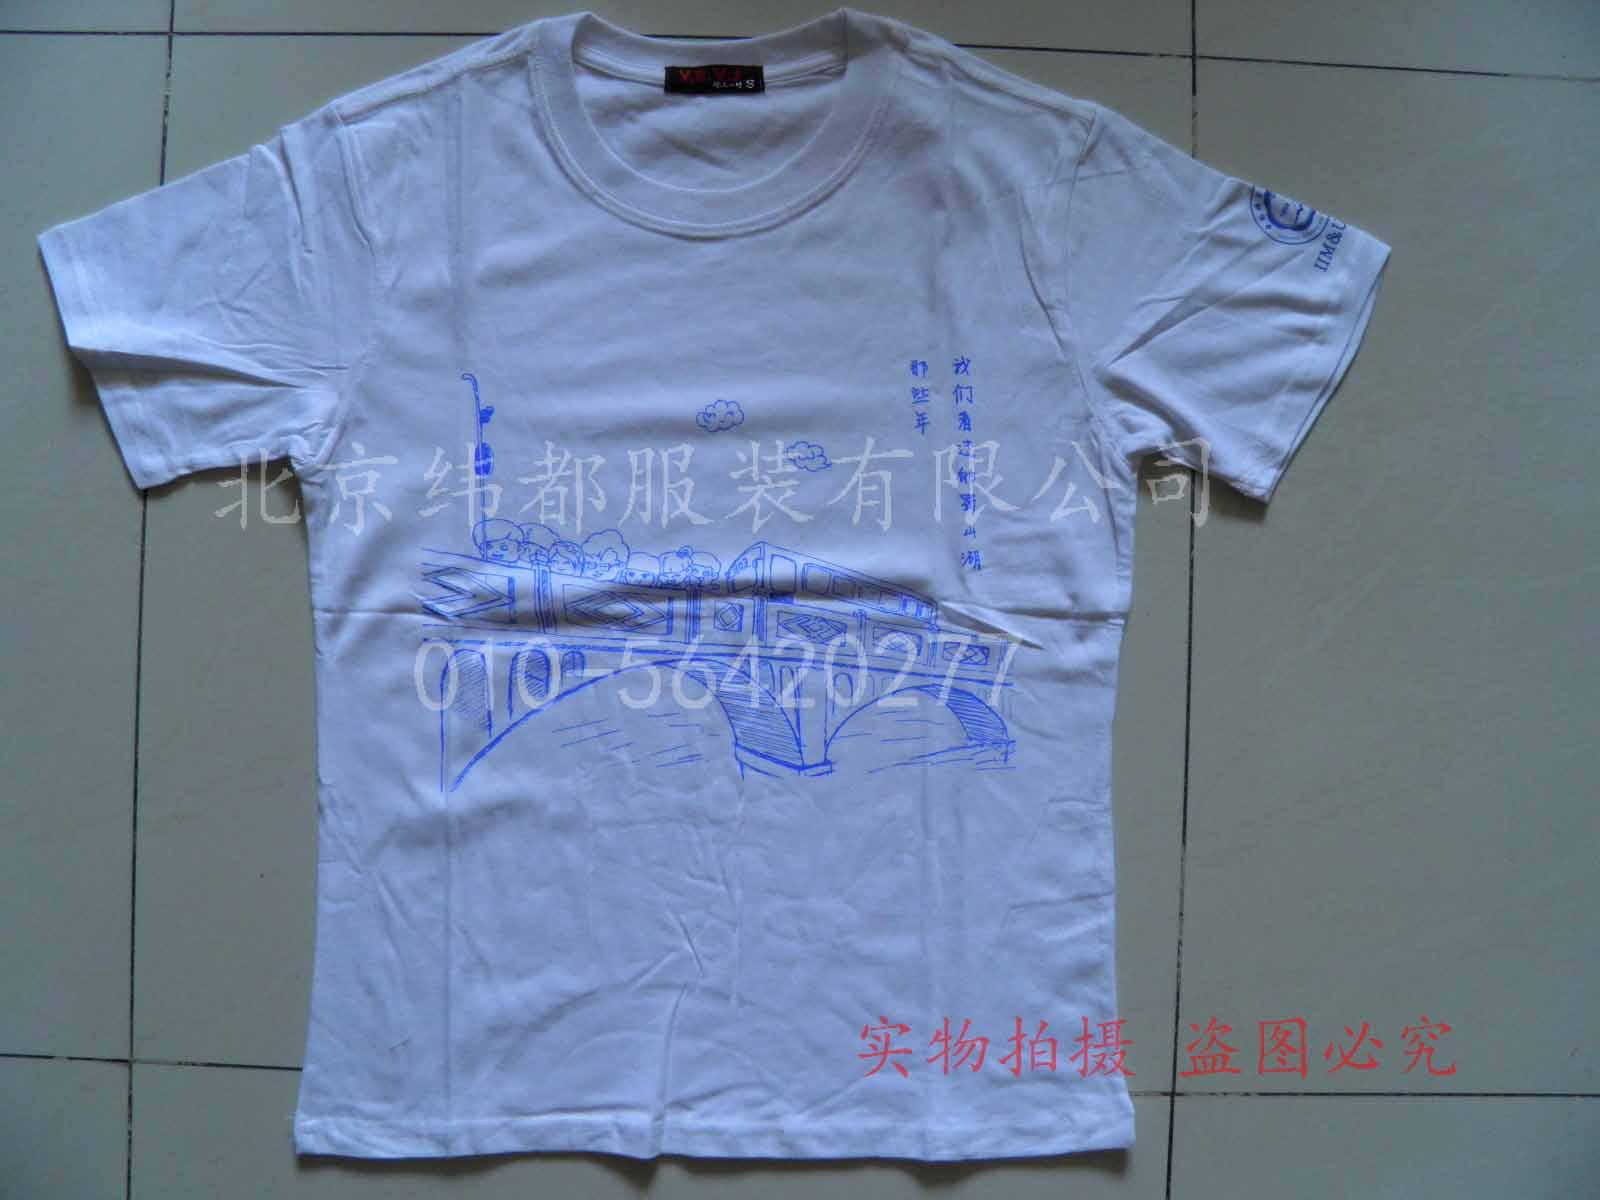 北京文化衫定做广告帽北京T恤衫北京服装加工速干衣